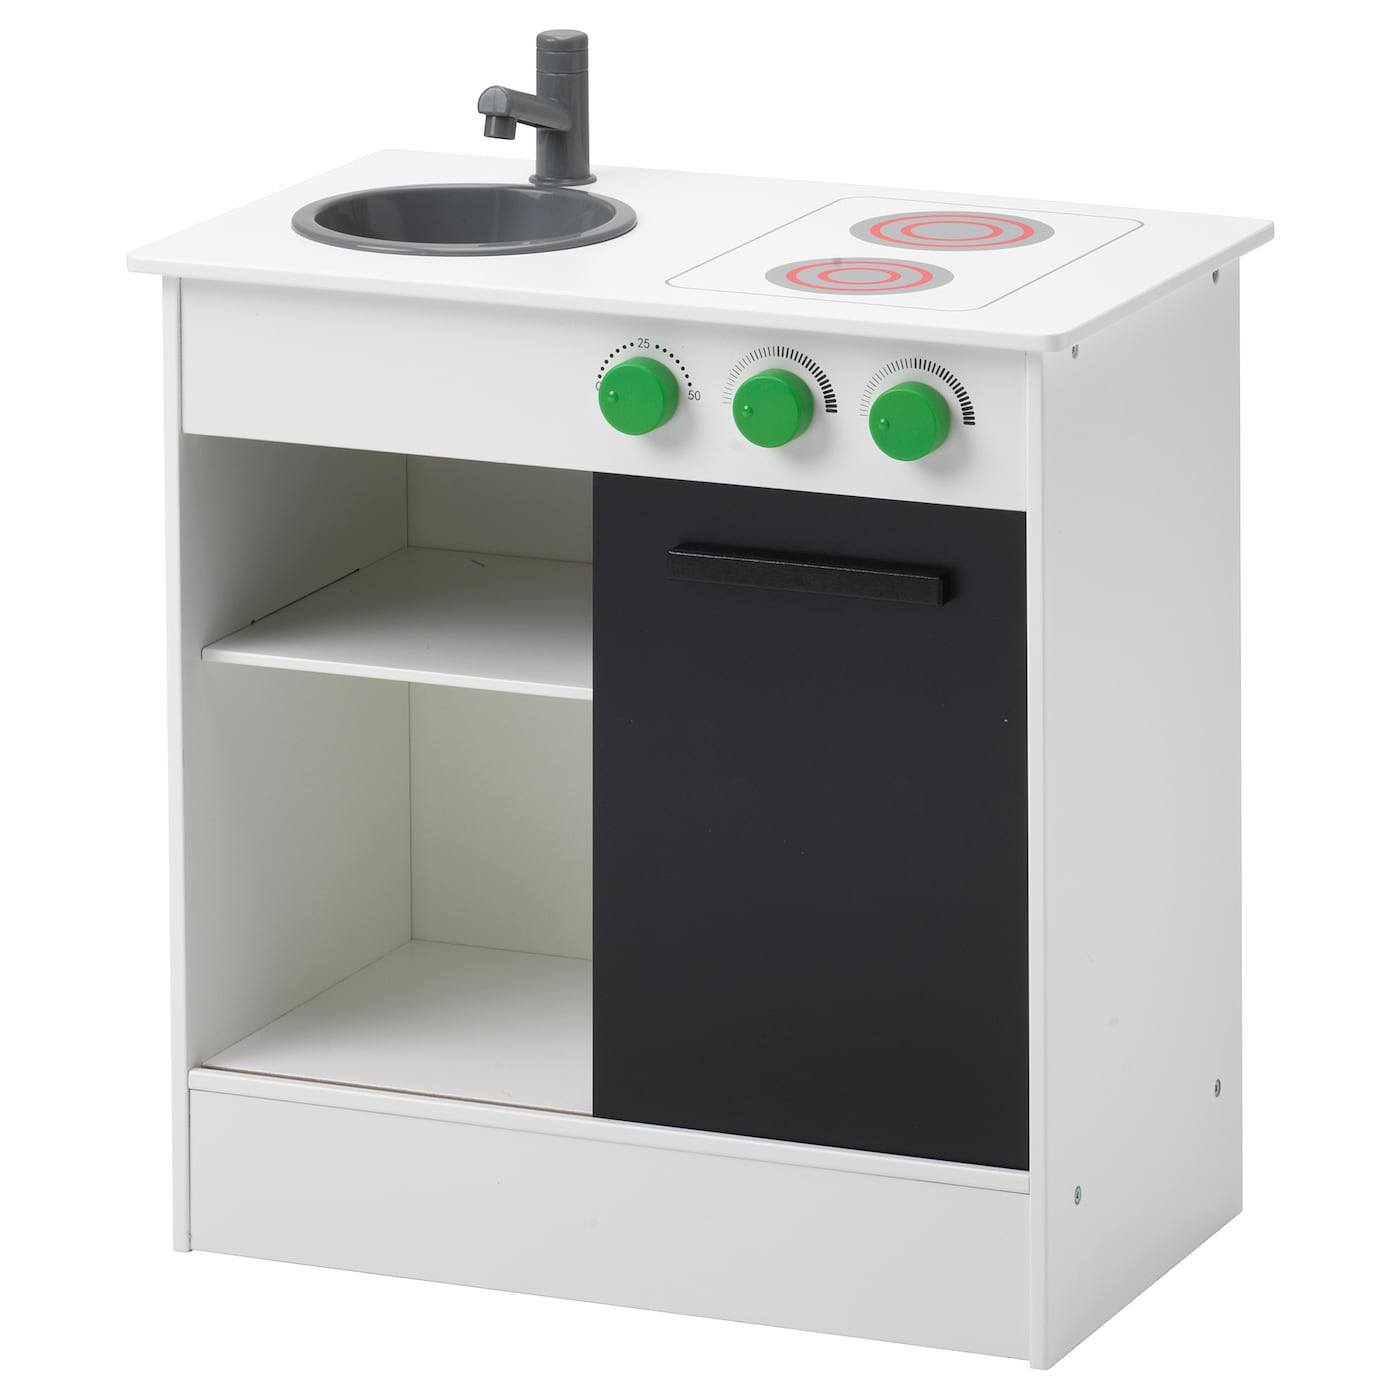 Juguetes Y Juegos Compra Online Ikea